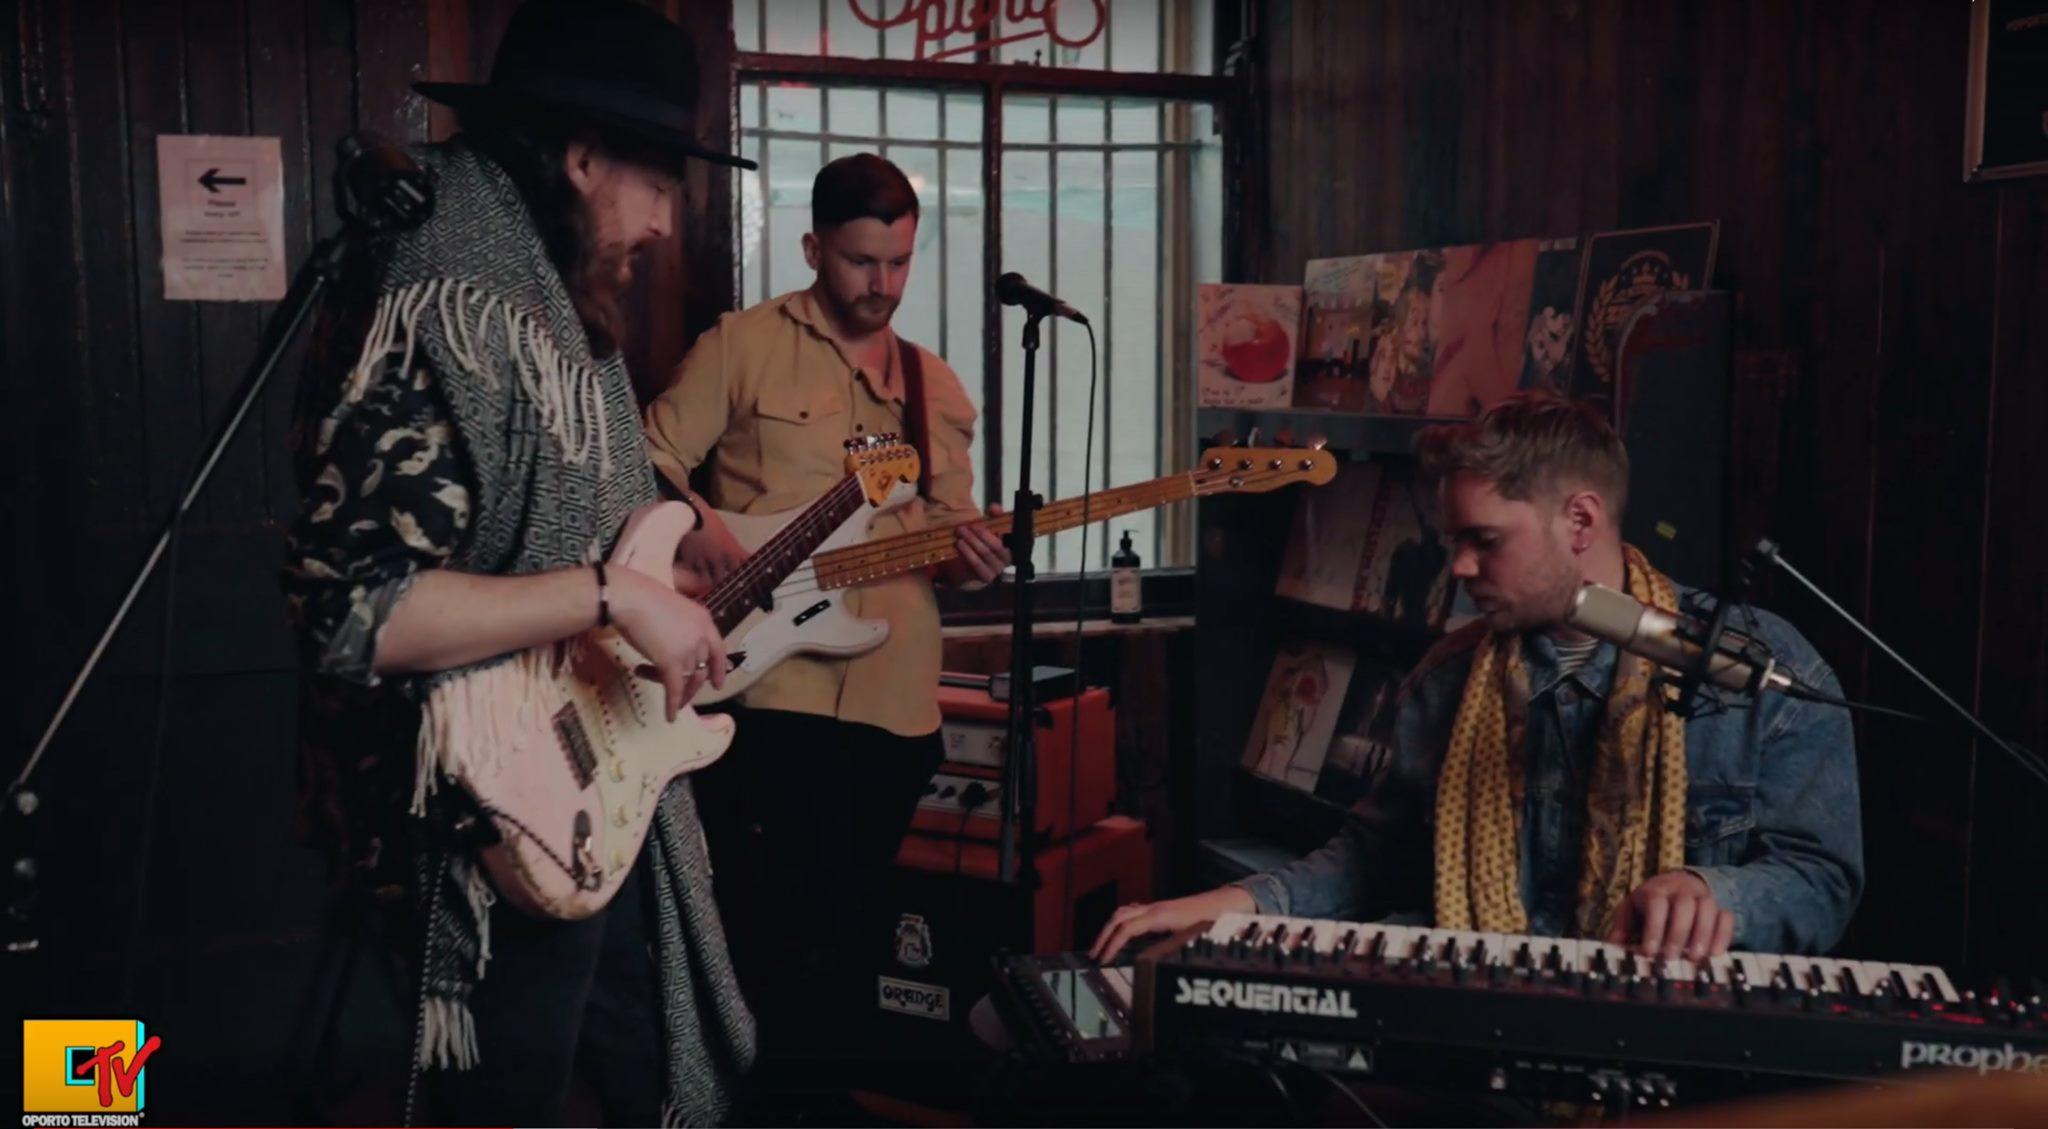 Wildest – Chalkpit live session premier on #OportoTV